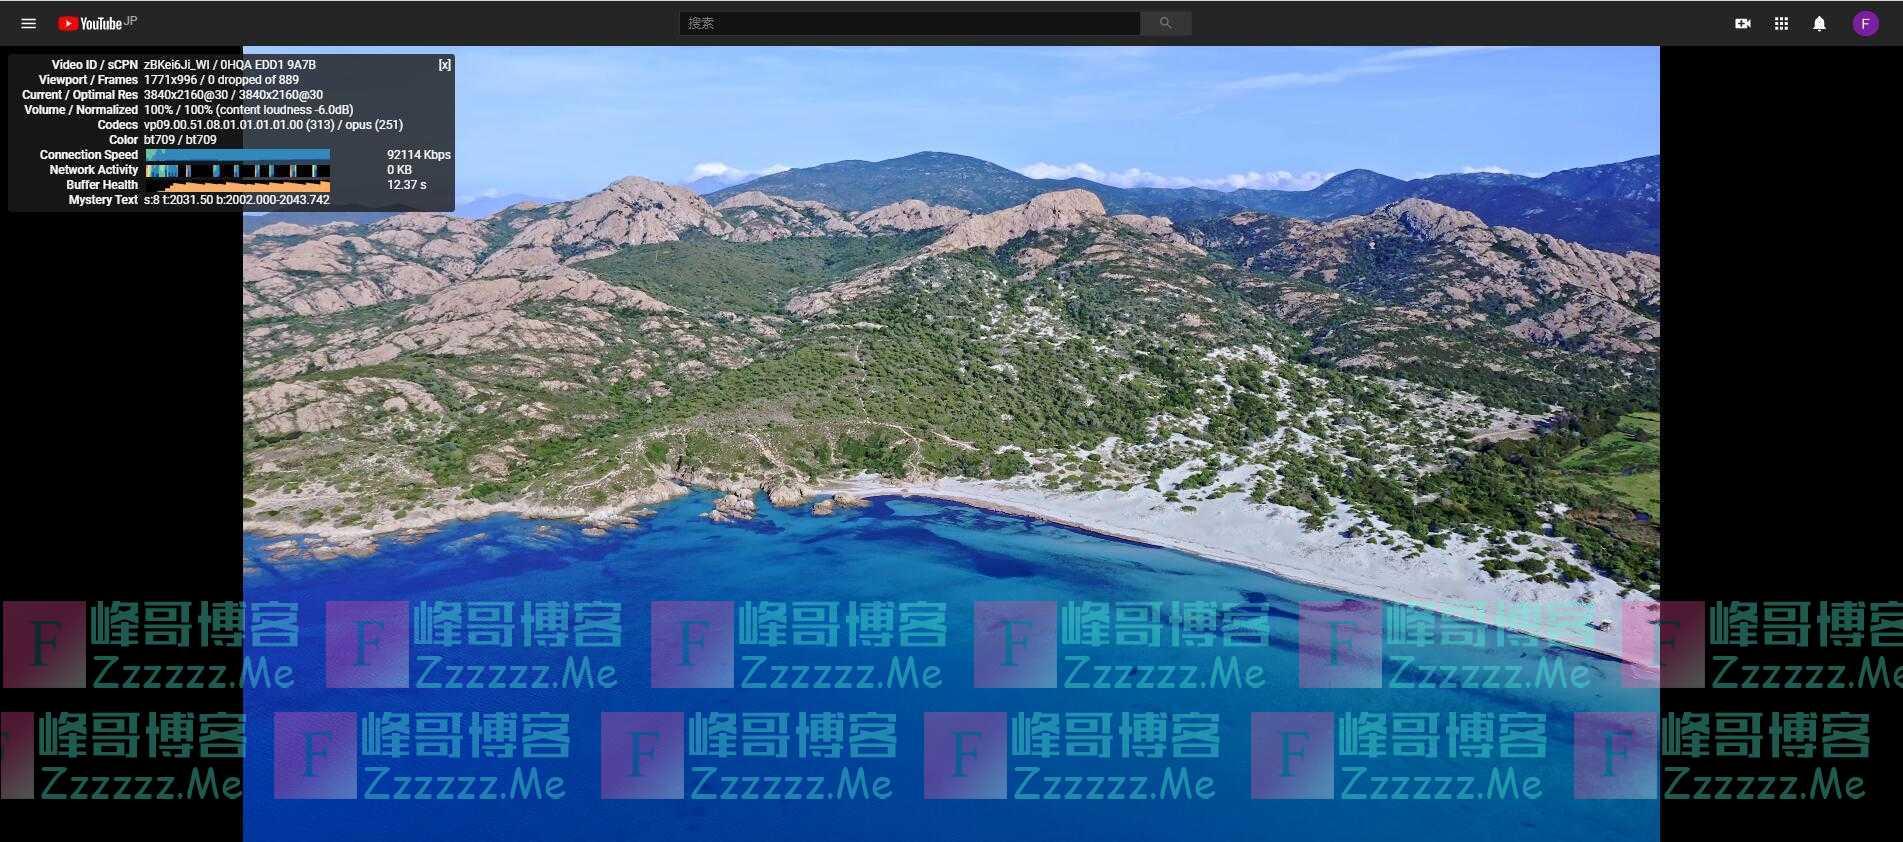 2020年7月更新分享最新可用香港,日本,新加坡酸酸乳SSR节点地址